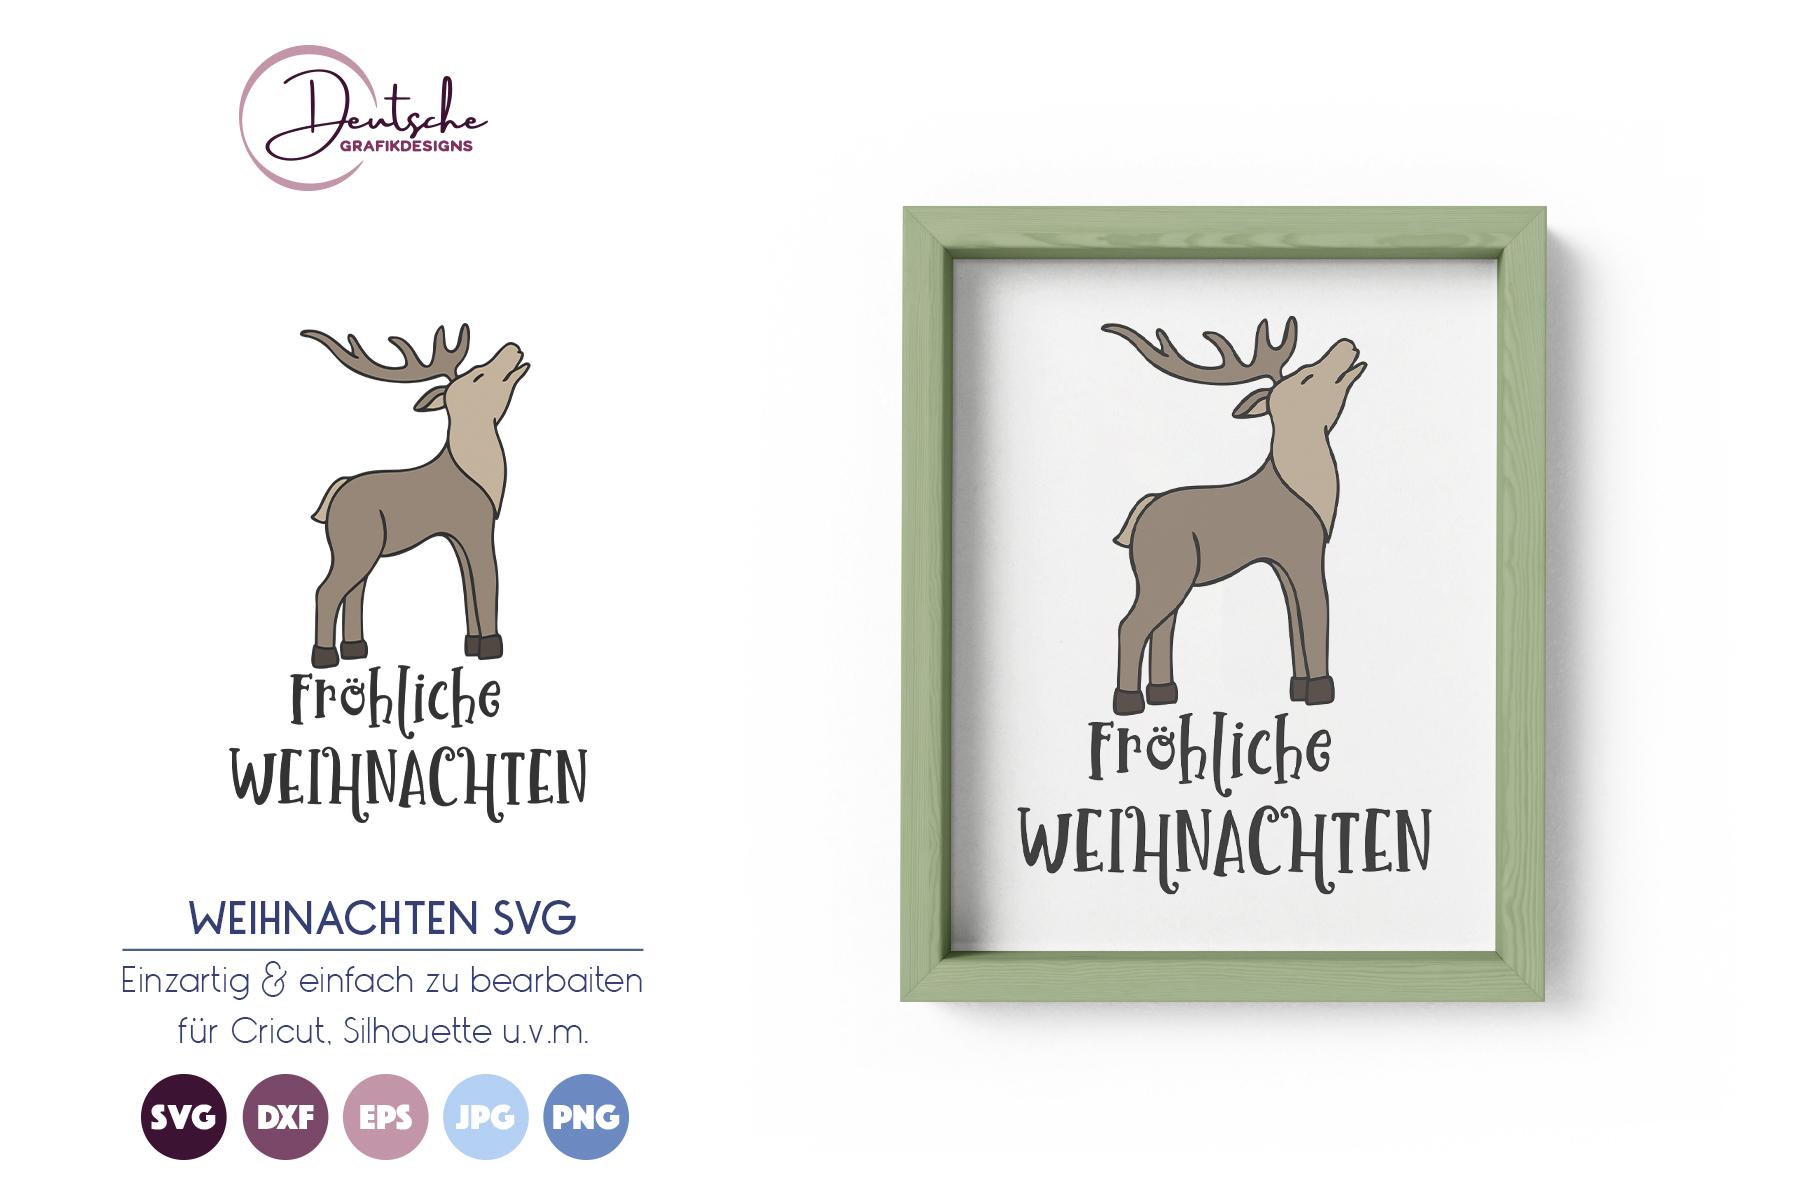 Fröhliche Weihnachten SVG | Hirsch SVG example image 1